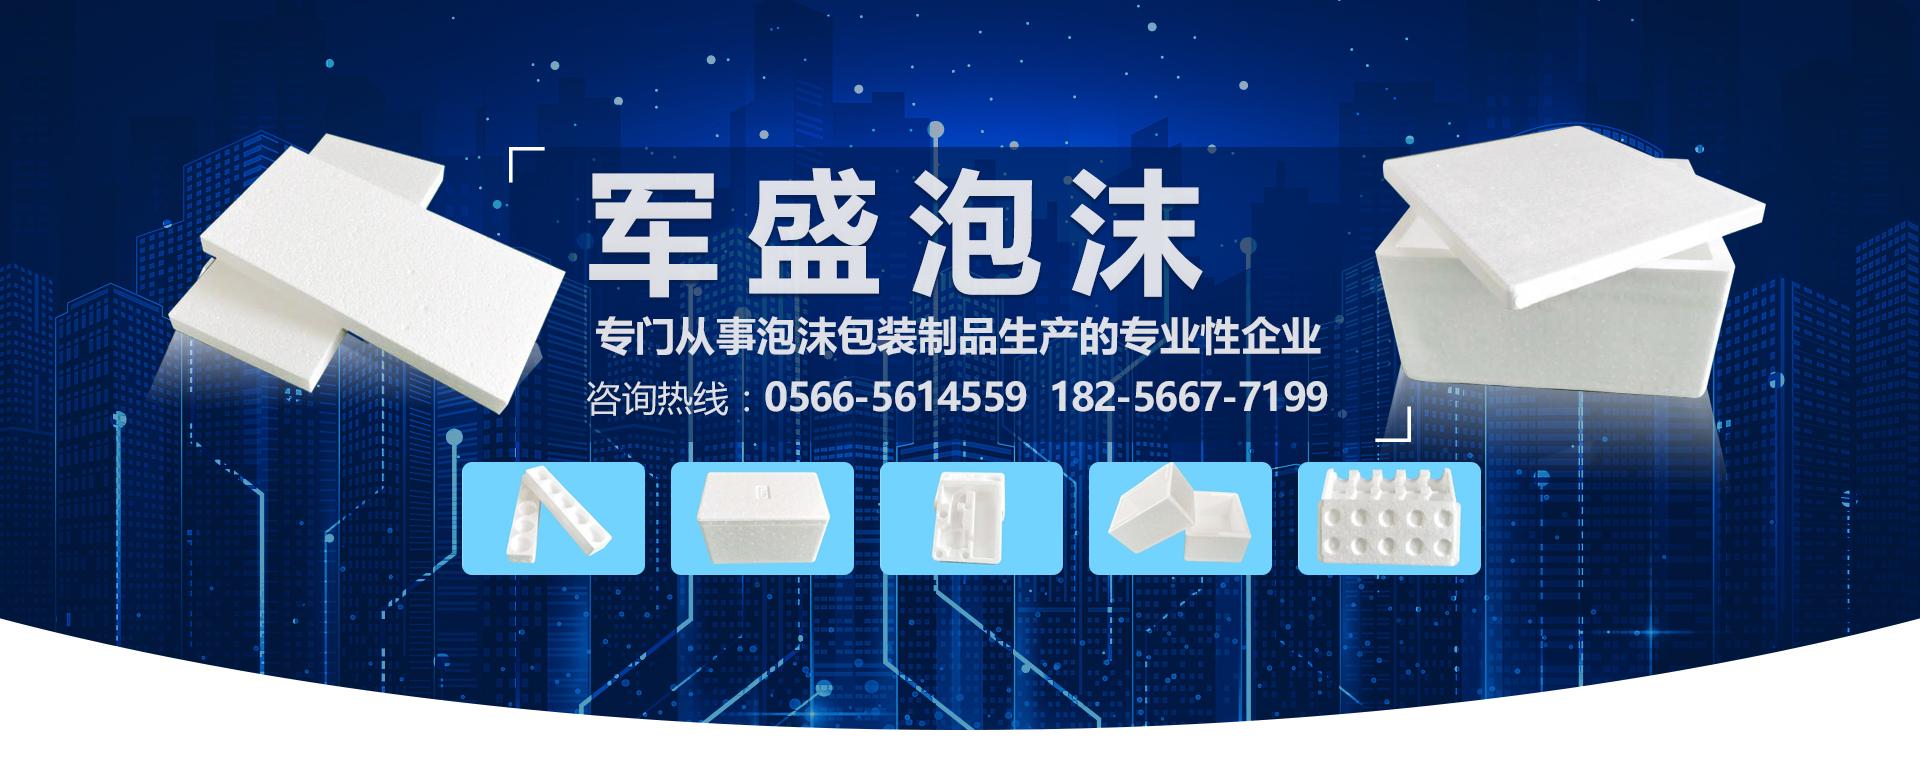 安徽泡沫箱